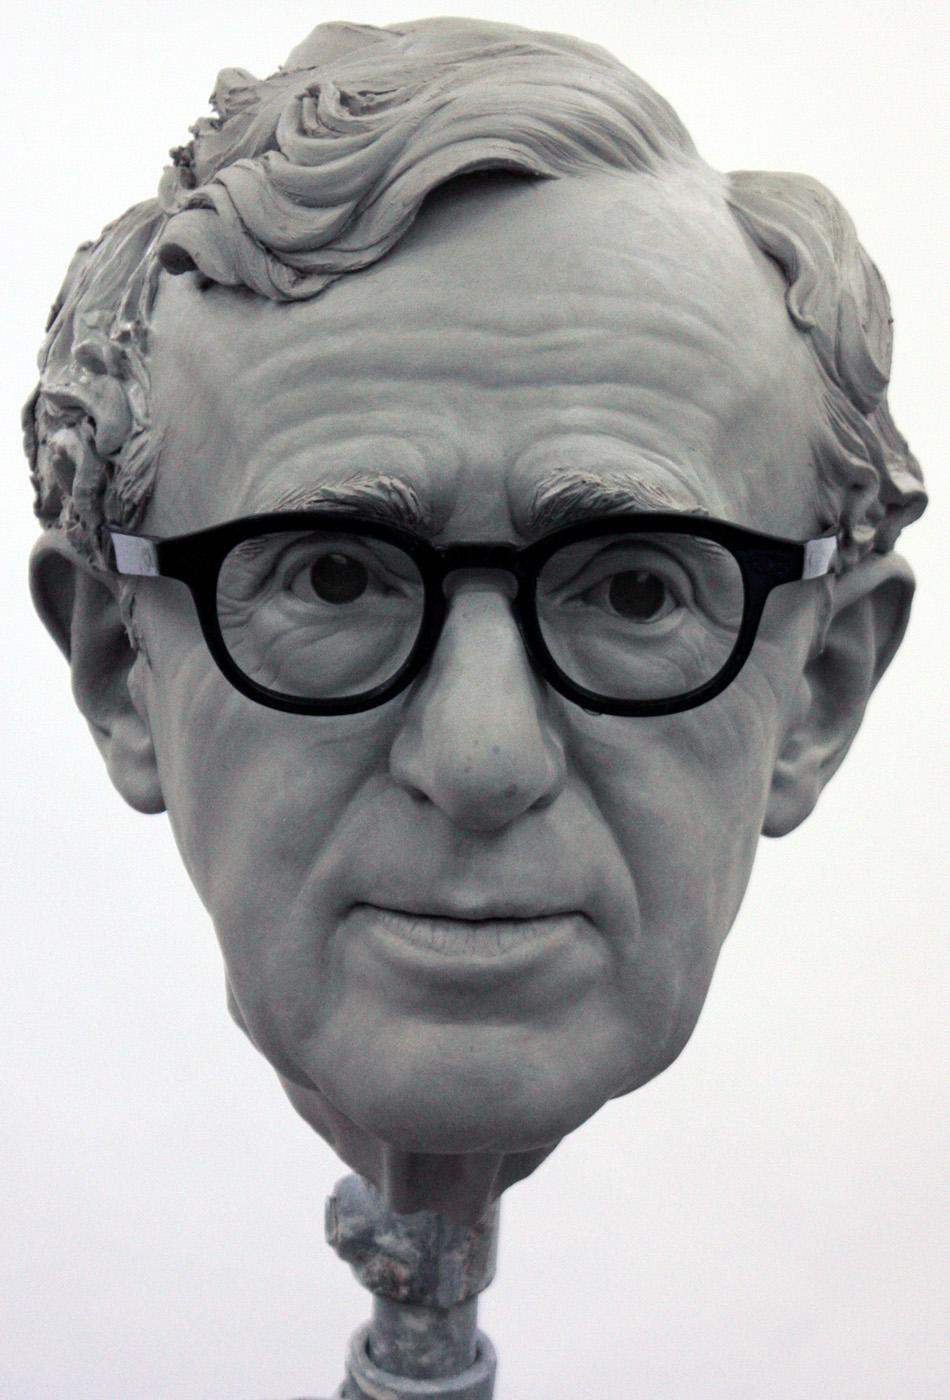 Portrait sculptor Woody Allen